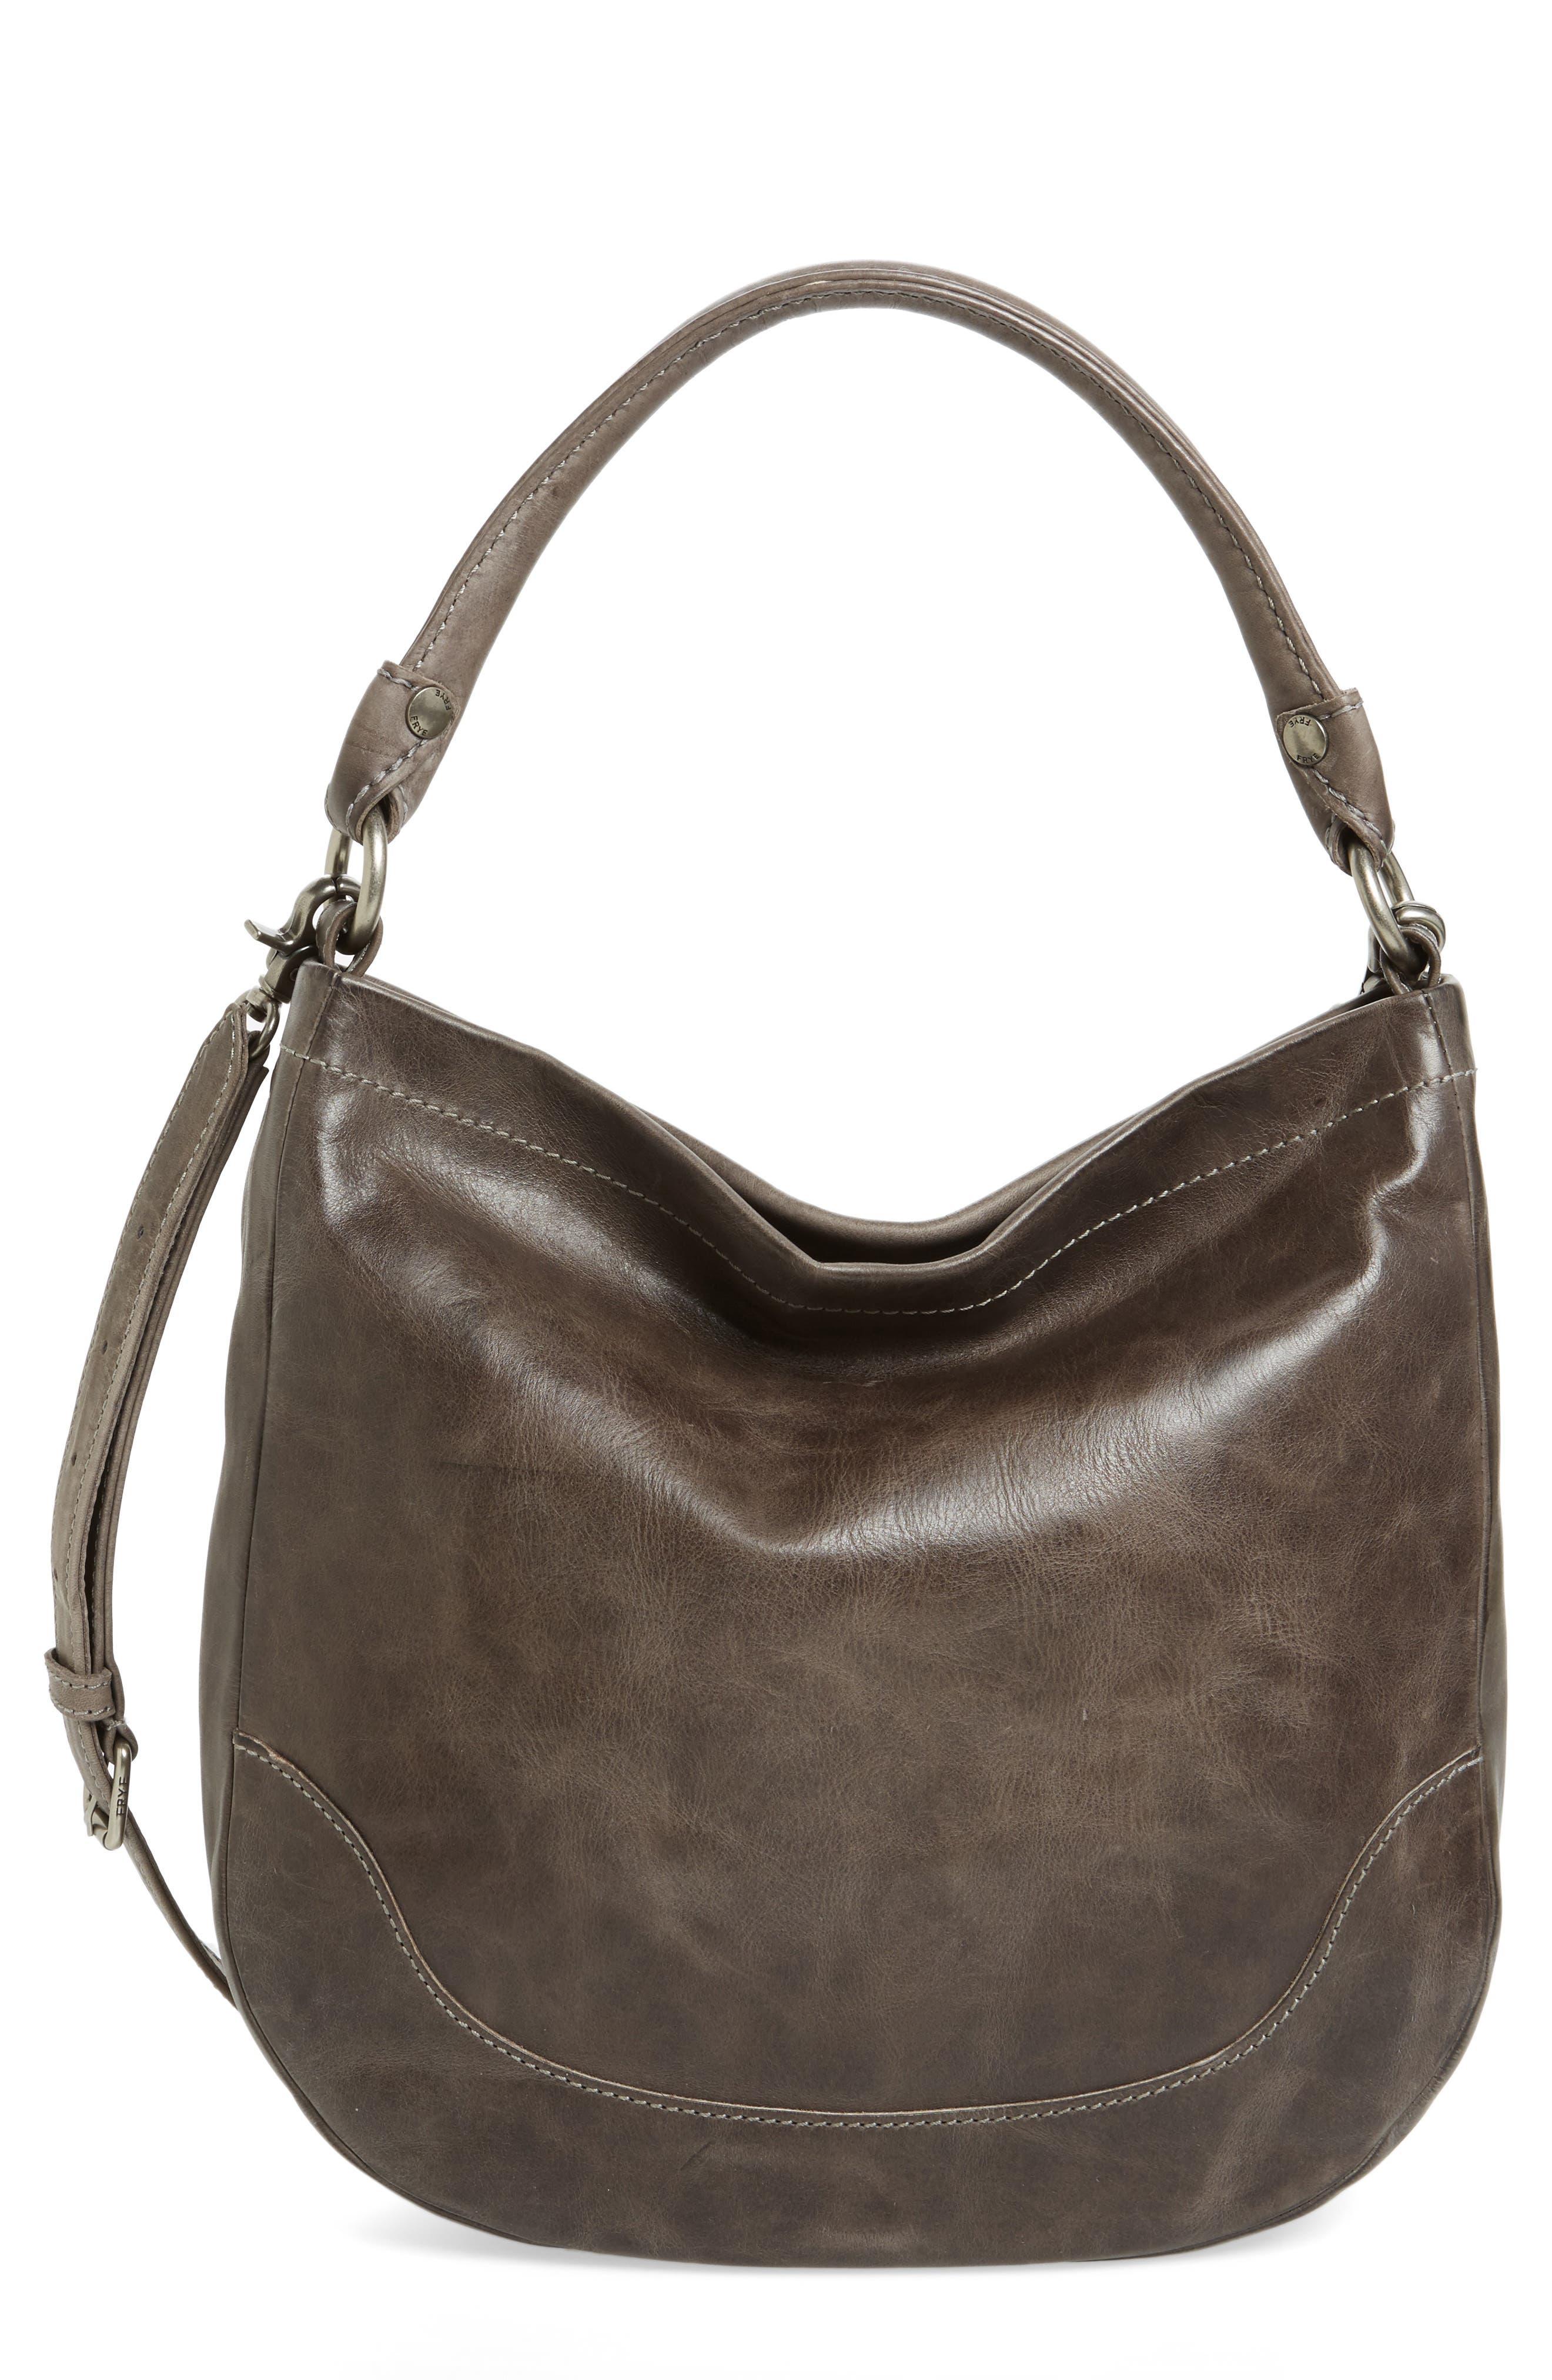 Image of Frye Melissa Leather Hobo Bag